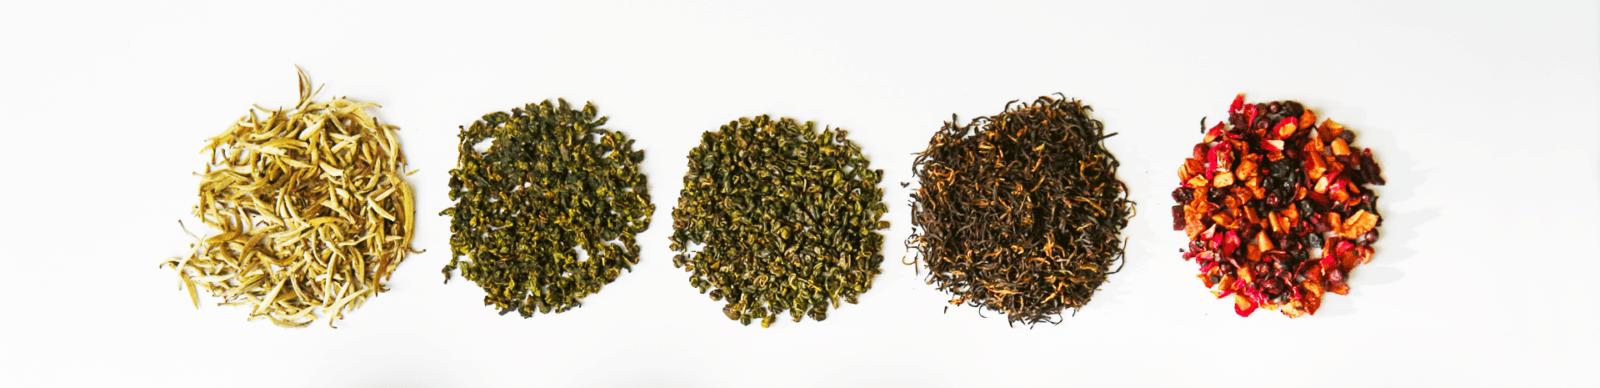 Купить рассыпной чай оптом и в розницу - магазин чая ПУТЬ ЧАЯ .рф